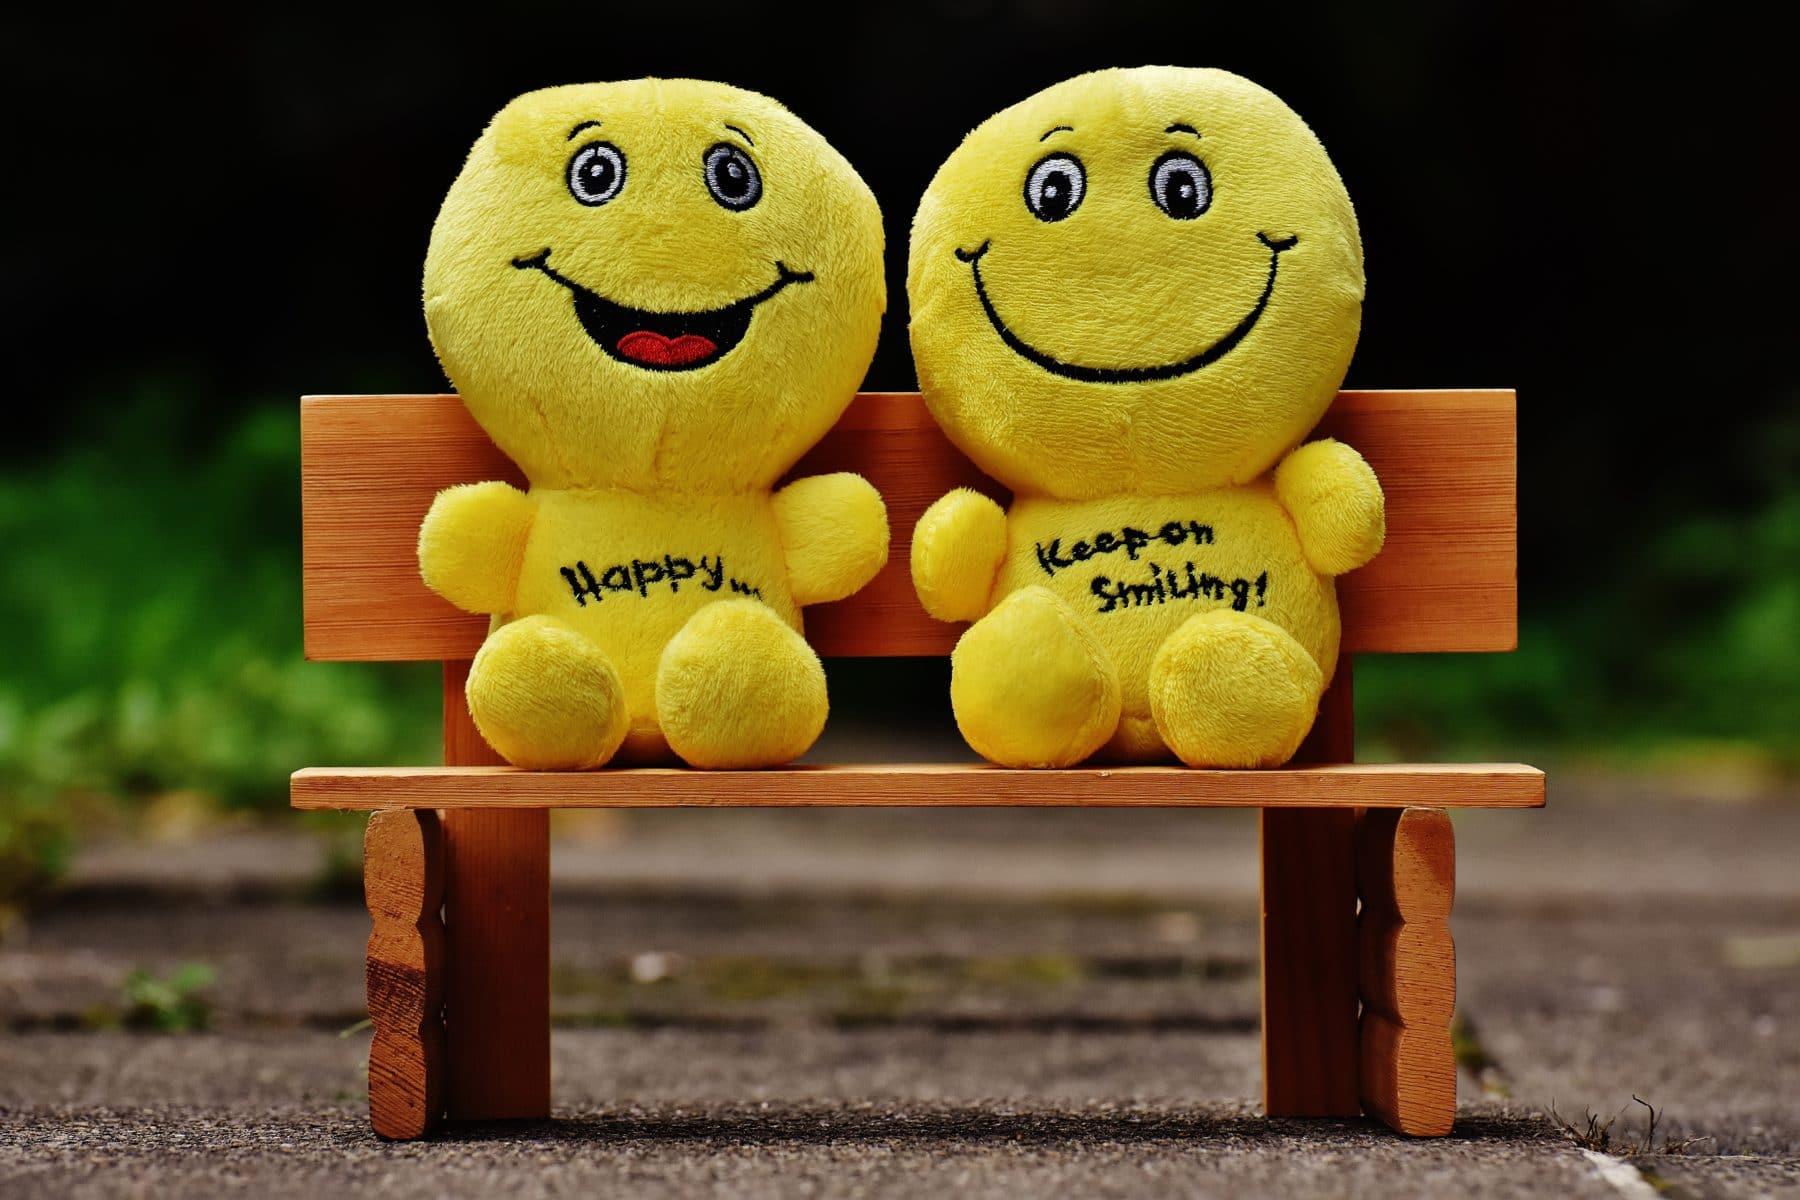 En enkel vana – som gör dig lyckligare